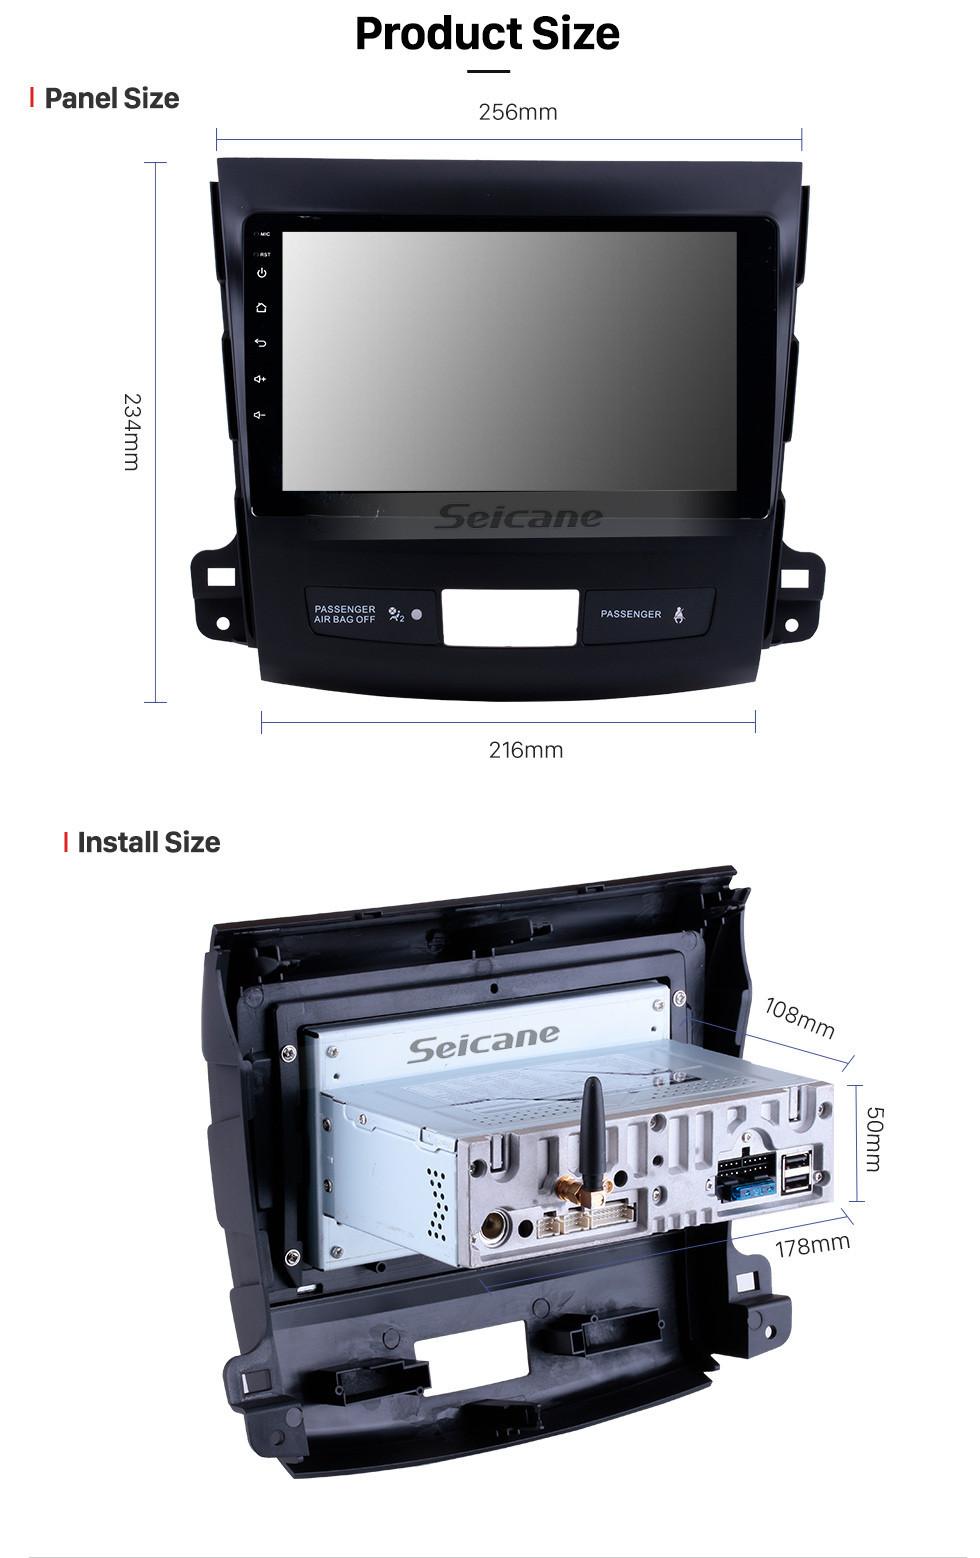 Seicane OEM 9 pouces Android 10.0 Radio Système de navigation GPS pour 2006-2014 Mitsubishi OUTLANDER Bluetooth HD 1024 * 600 écran tactile OBD2 DVR TV 1080P Vidéo 4G WIFI Contrôle du volant Caméra de recul USB Lien miroir